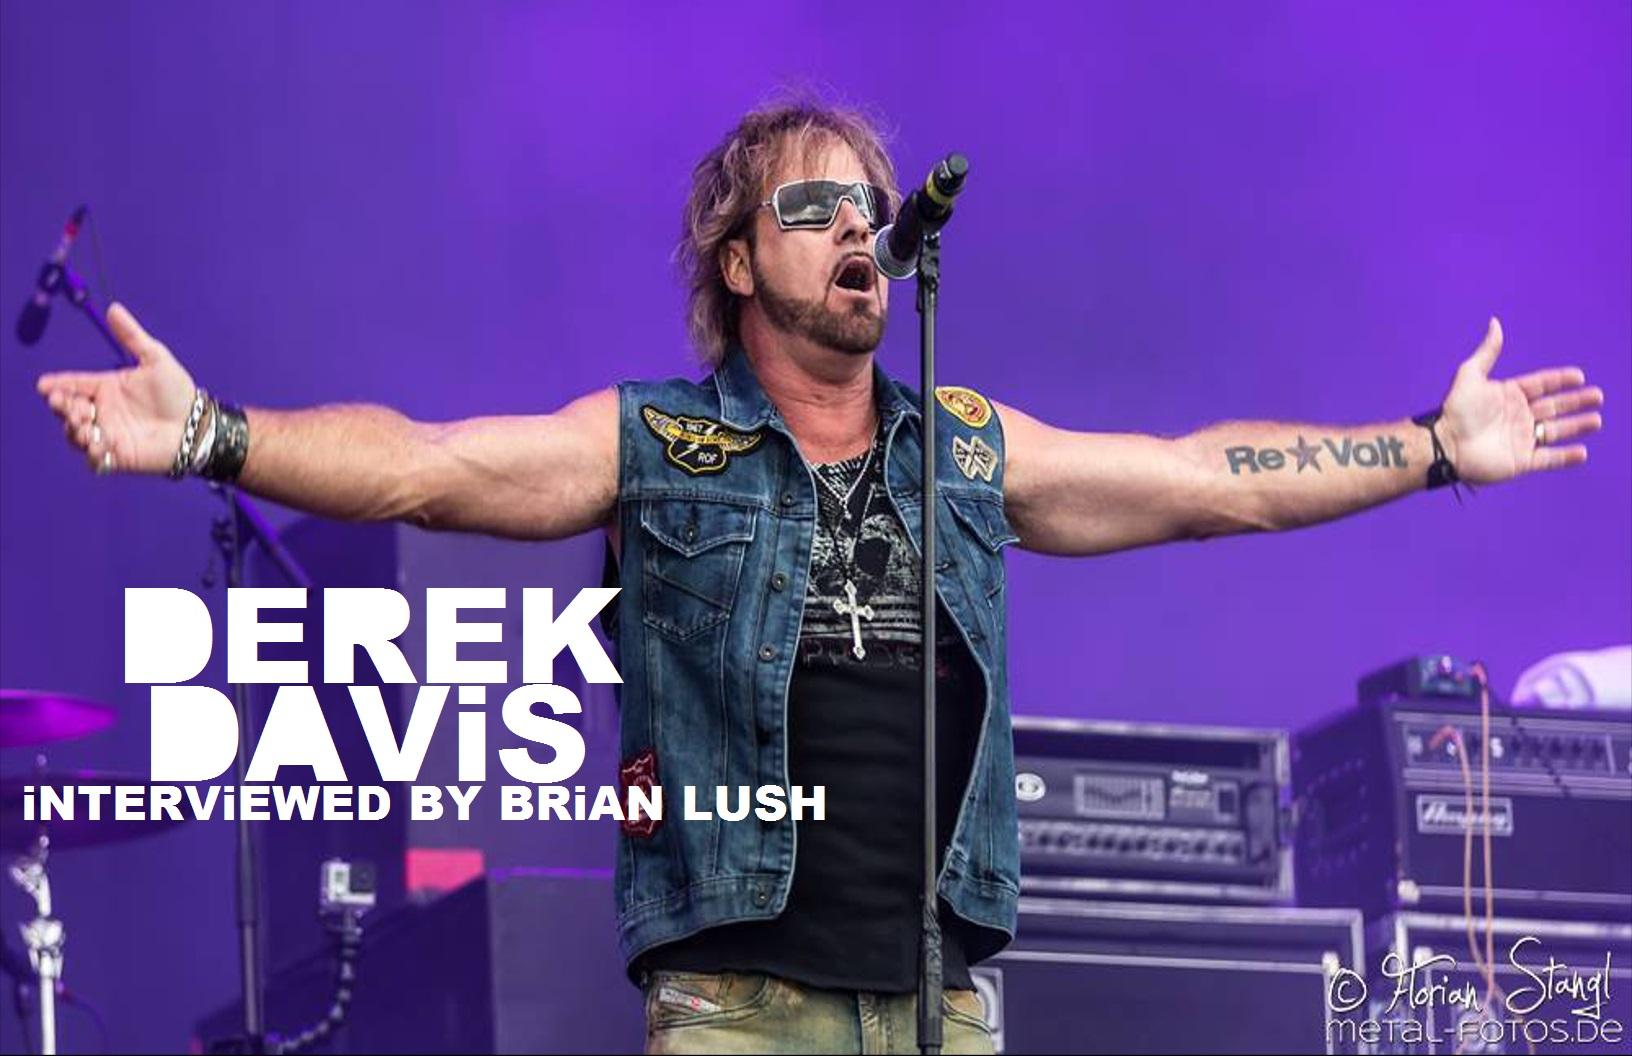 http://www.rockwired.com/DerekDavis.jpg